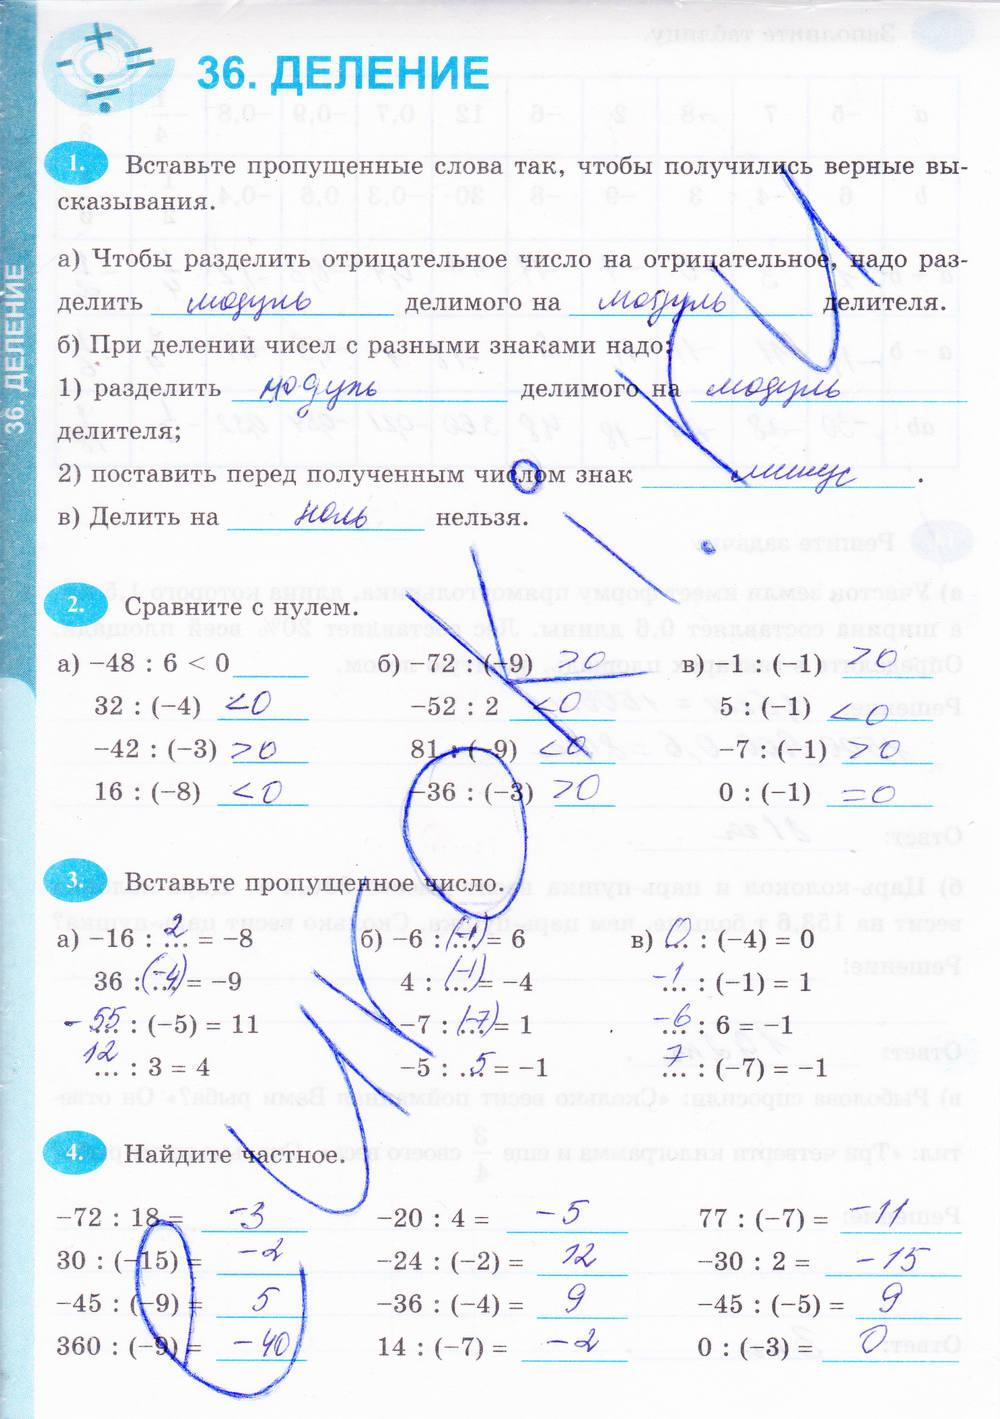 ответы скачать тетрадь т.м.ерина решебник рабочая 6 класс